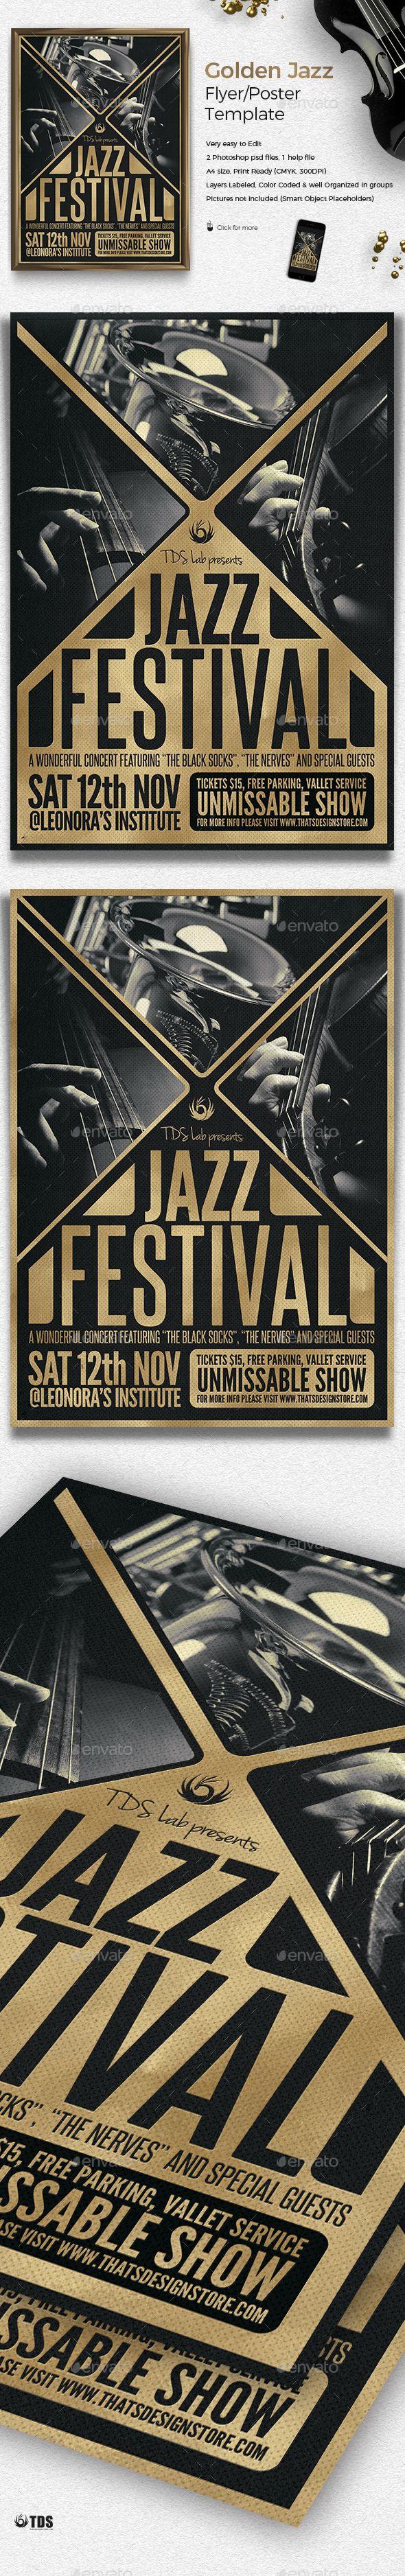 Golden Jazz Flyer Template PSD